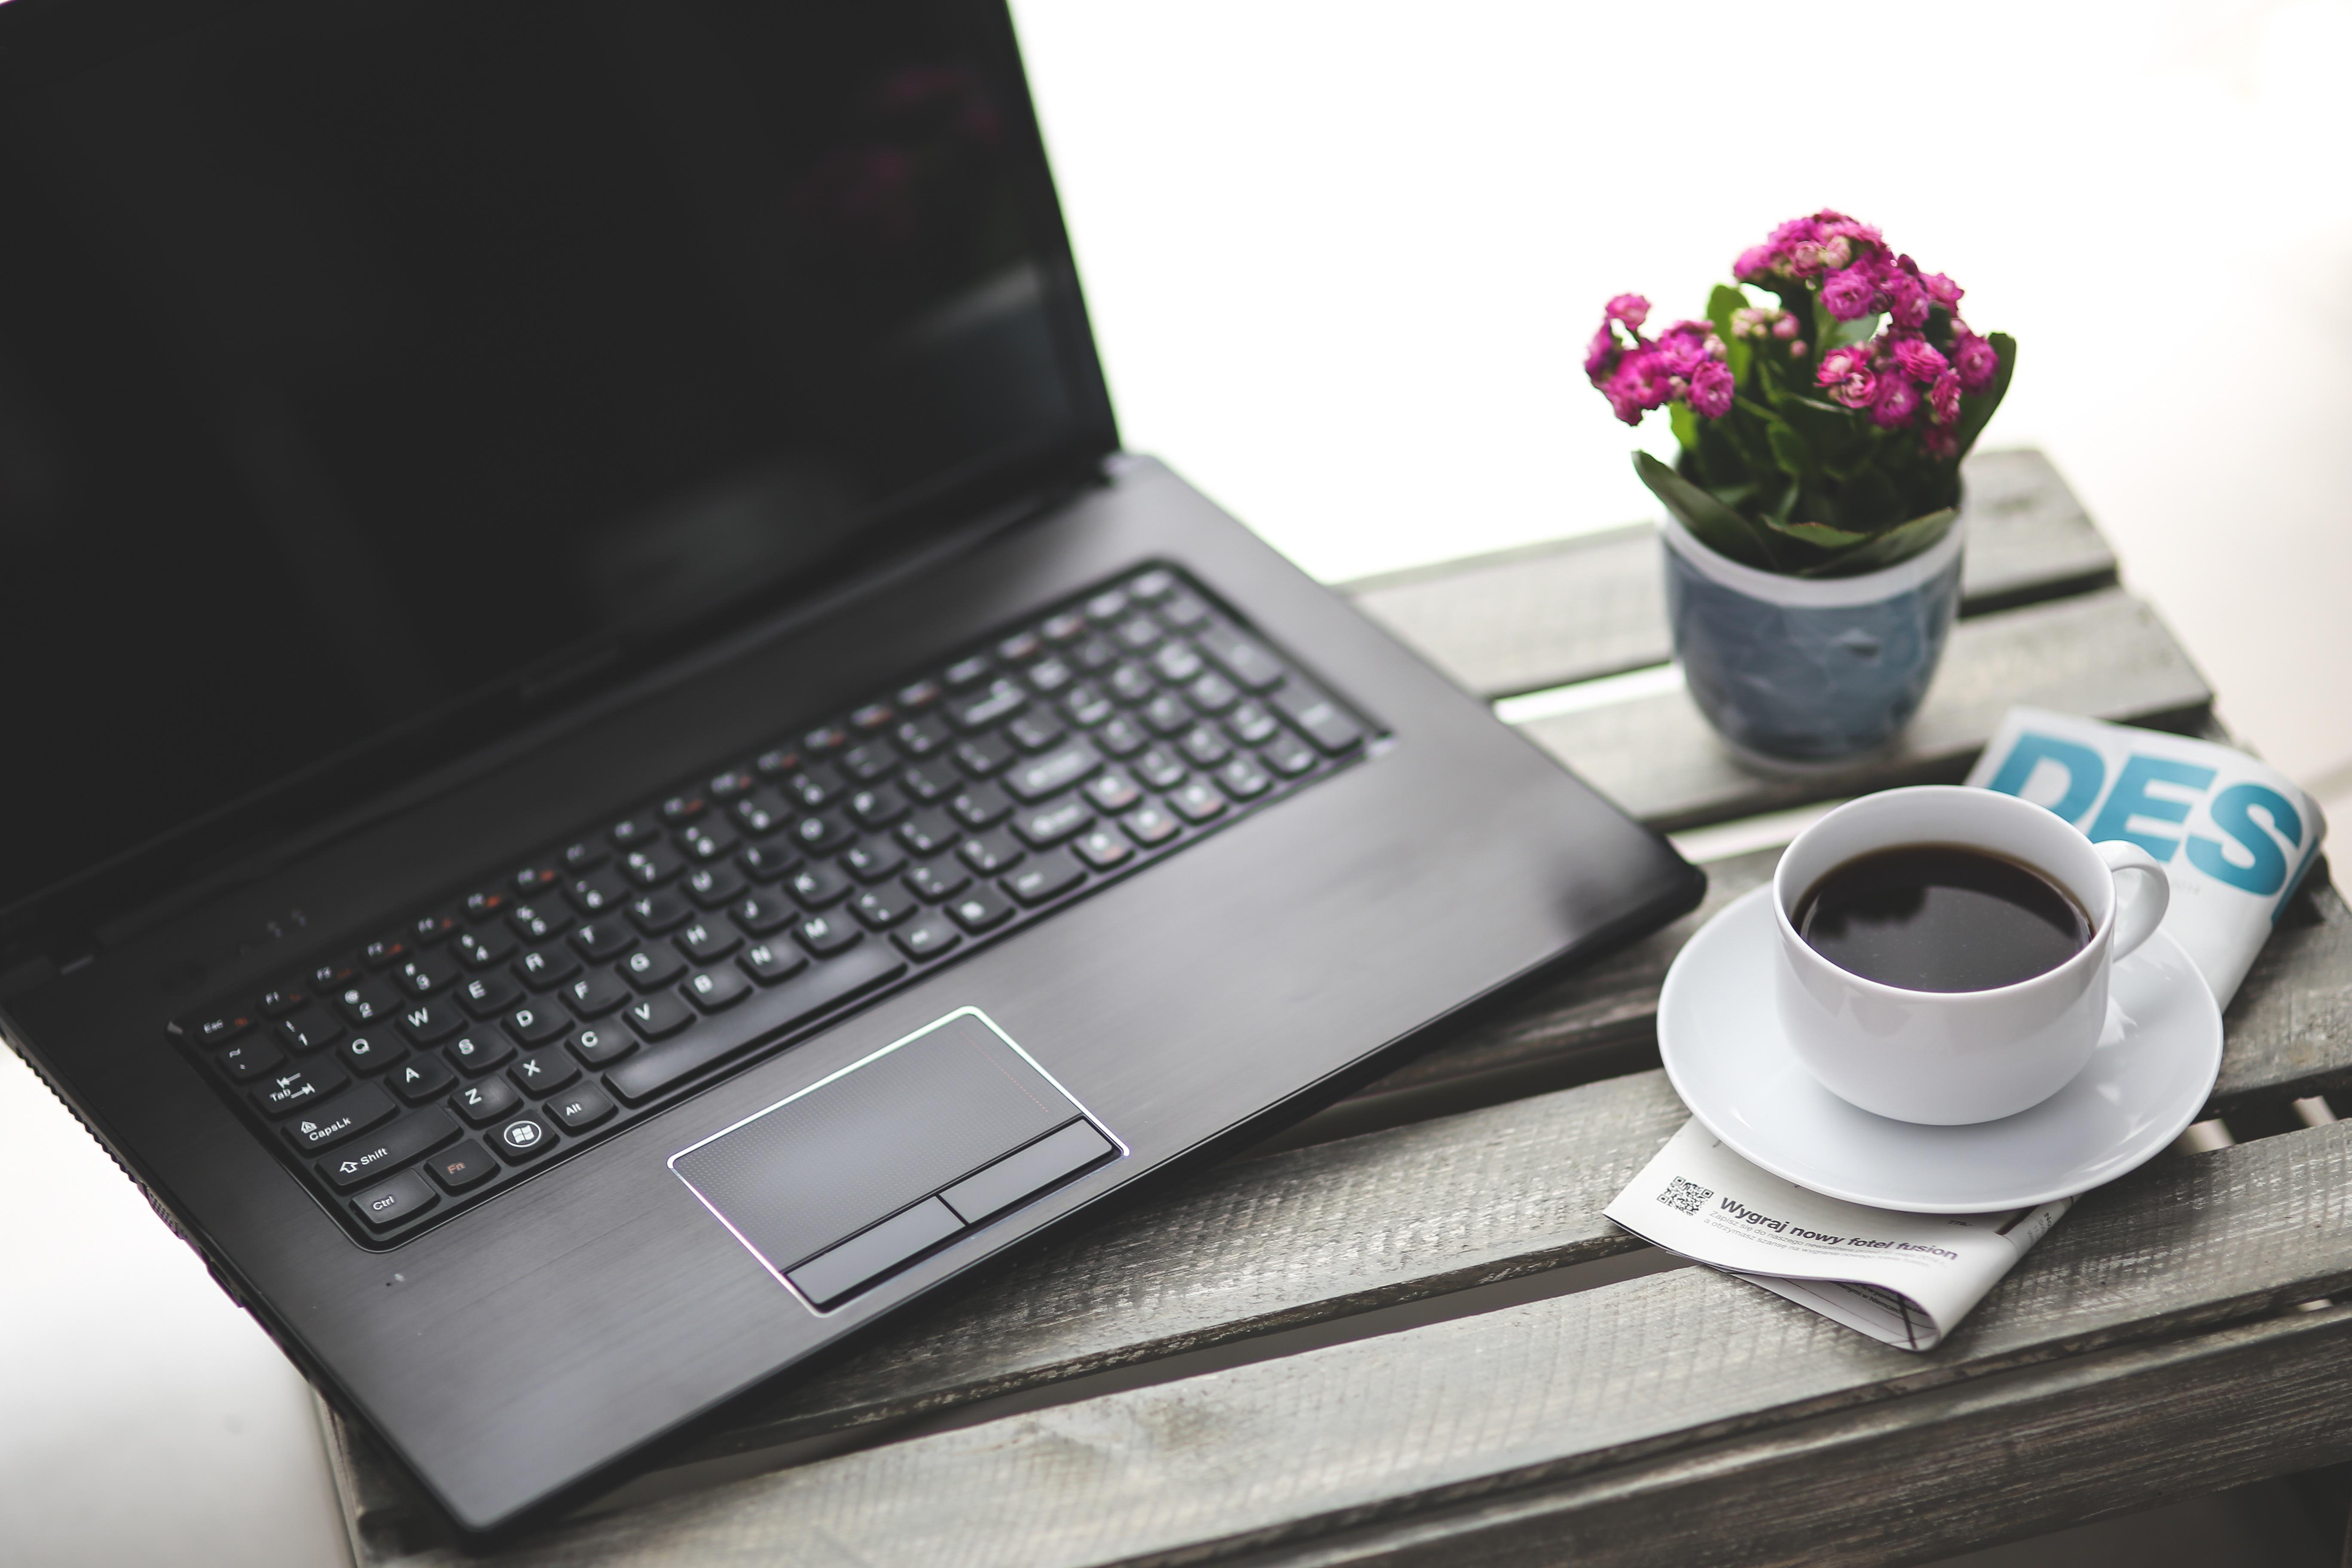 портретах картинки компьютеров и ноутбуков на столе можно менять